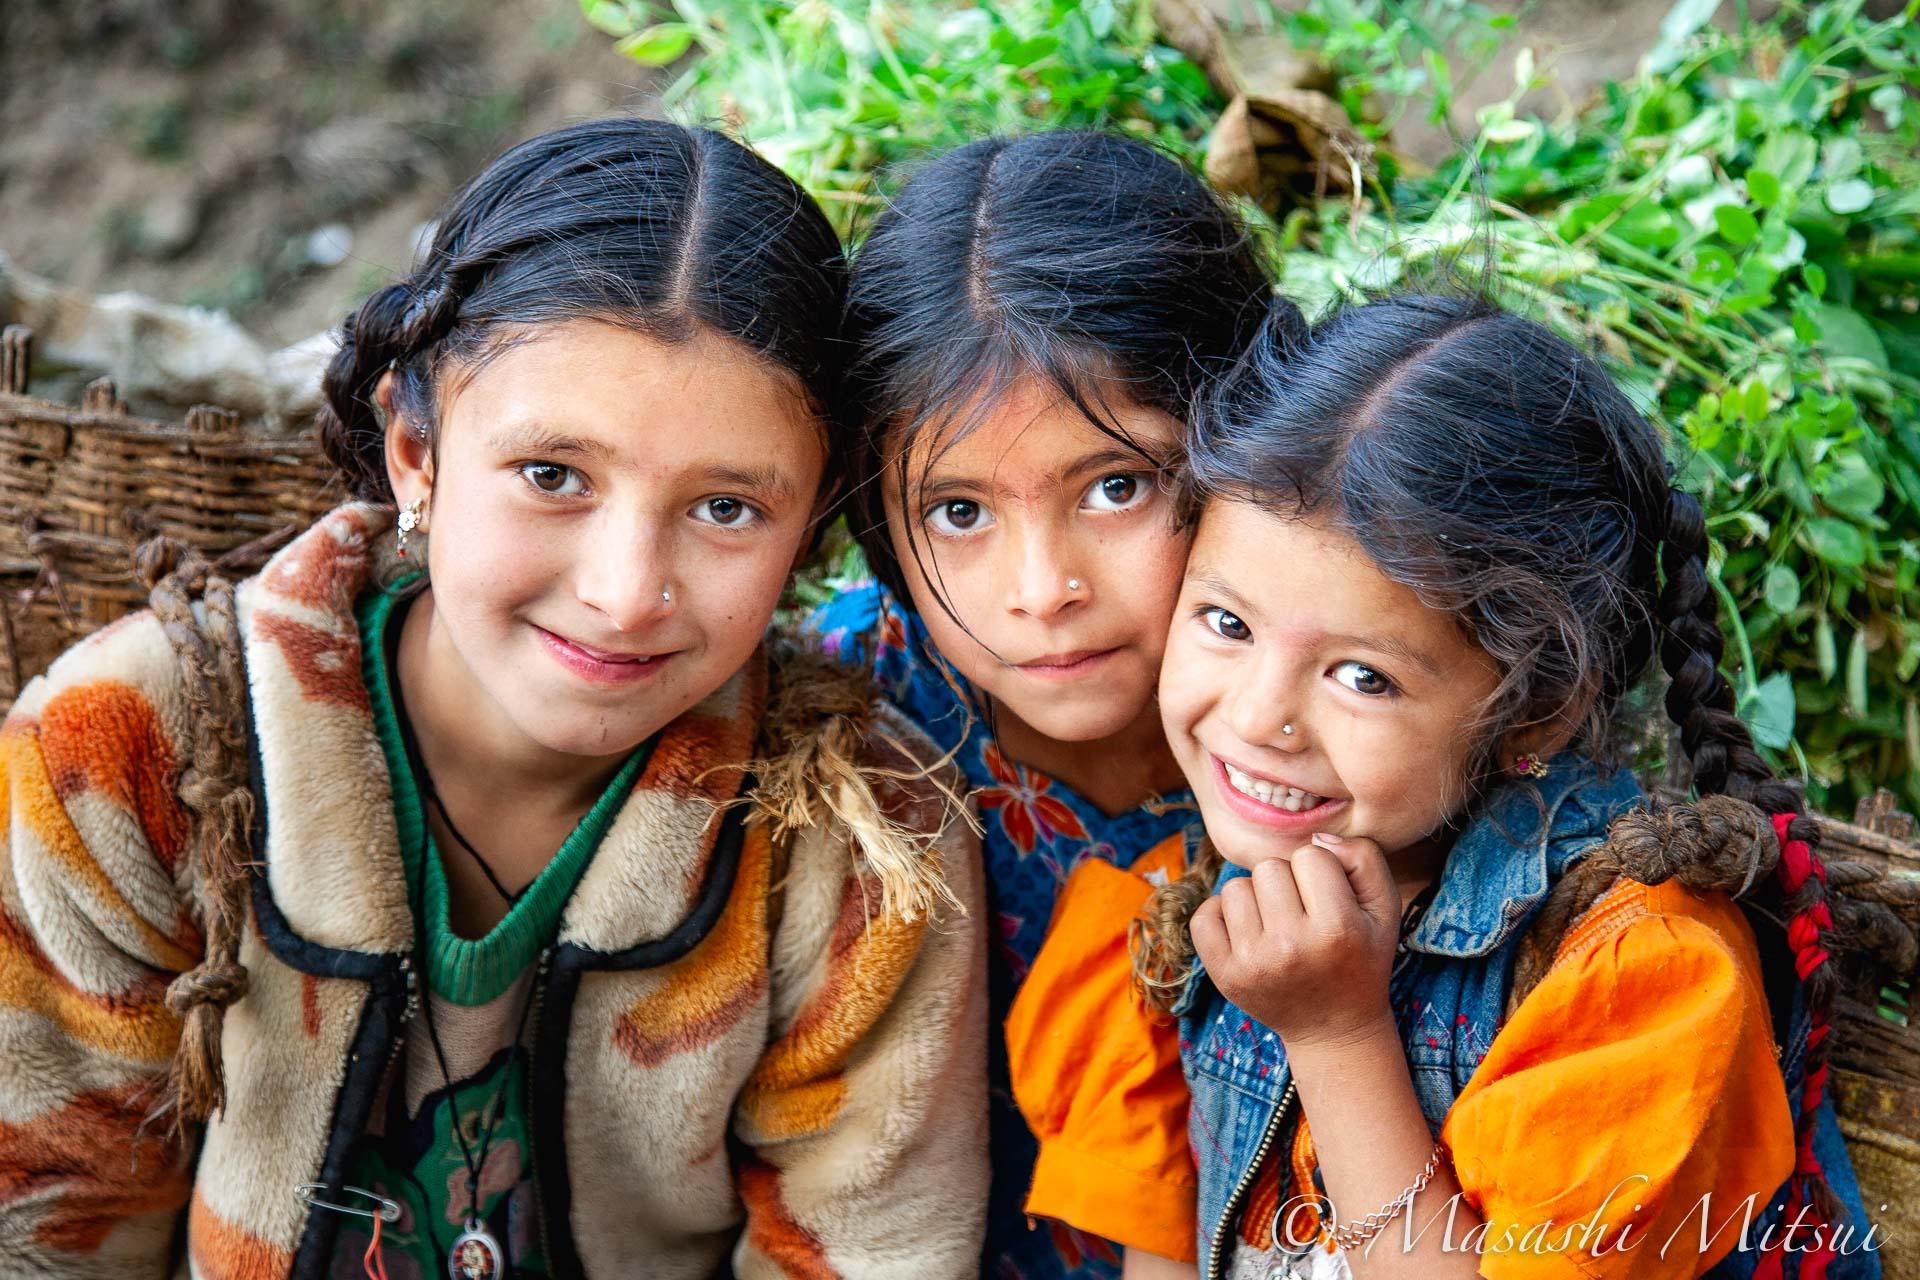 india0903-2117-2